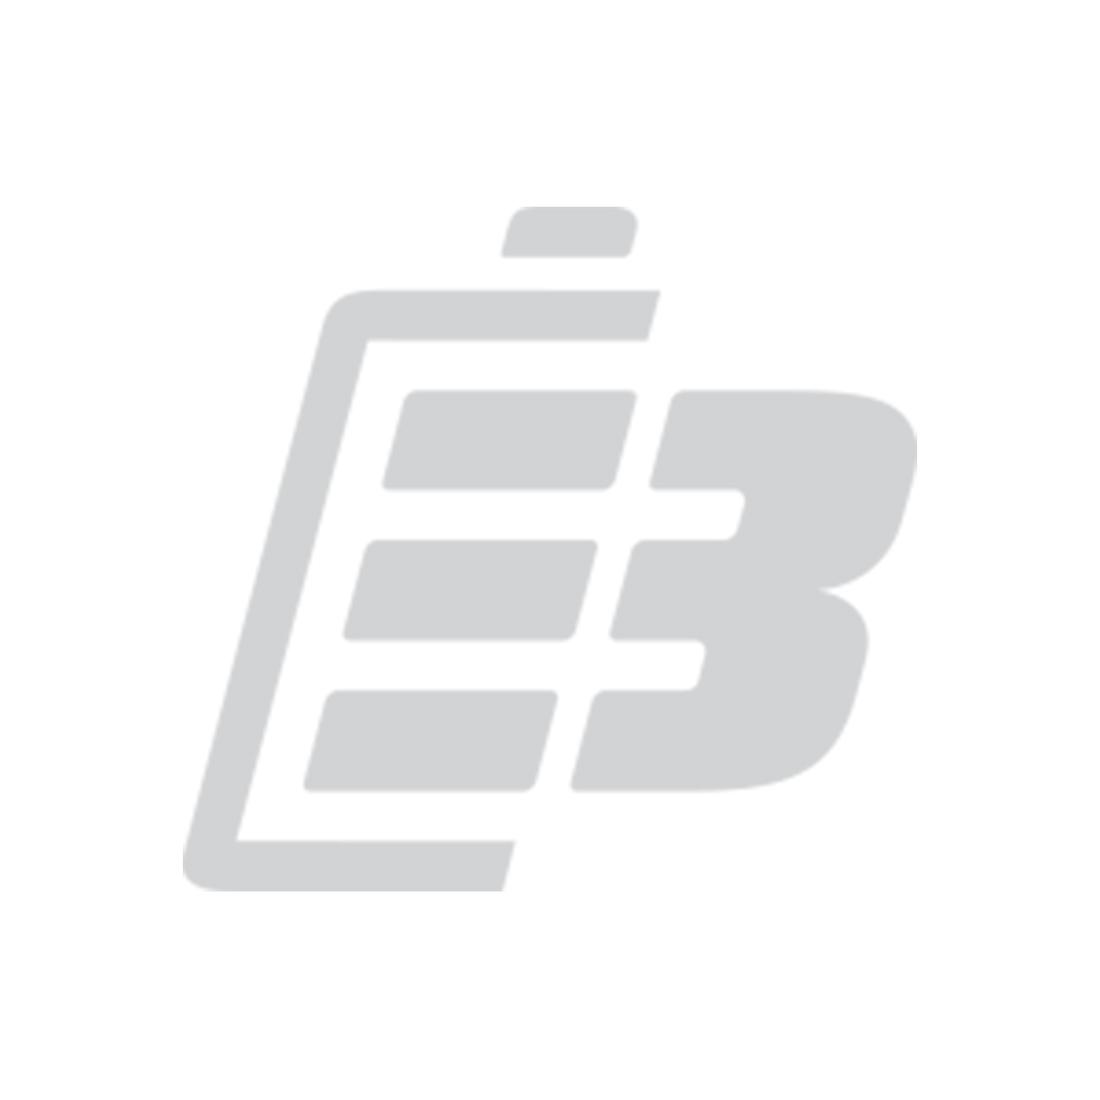 Μπαταρία ηλεκτρικού κολάρου σκύλου Dogtra Transmitter 2000NCP_1